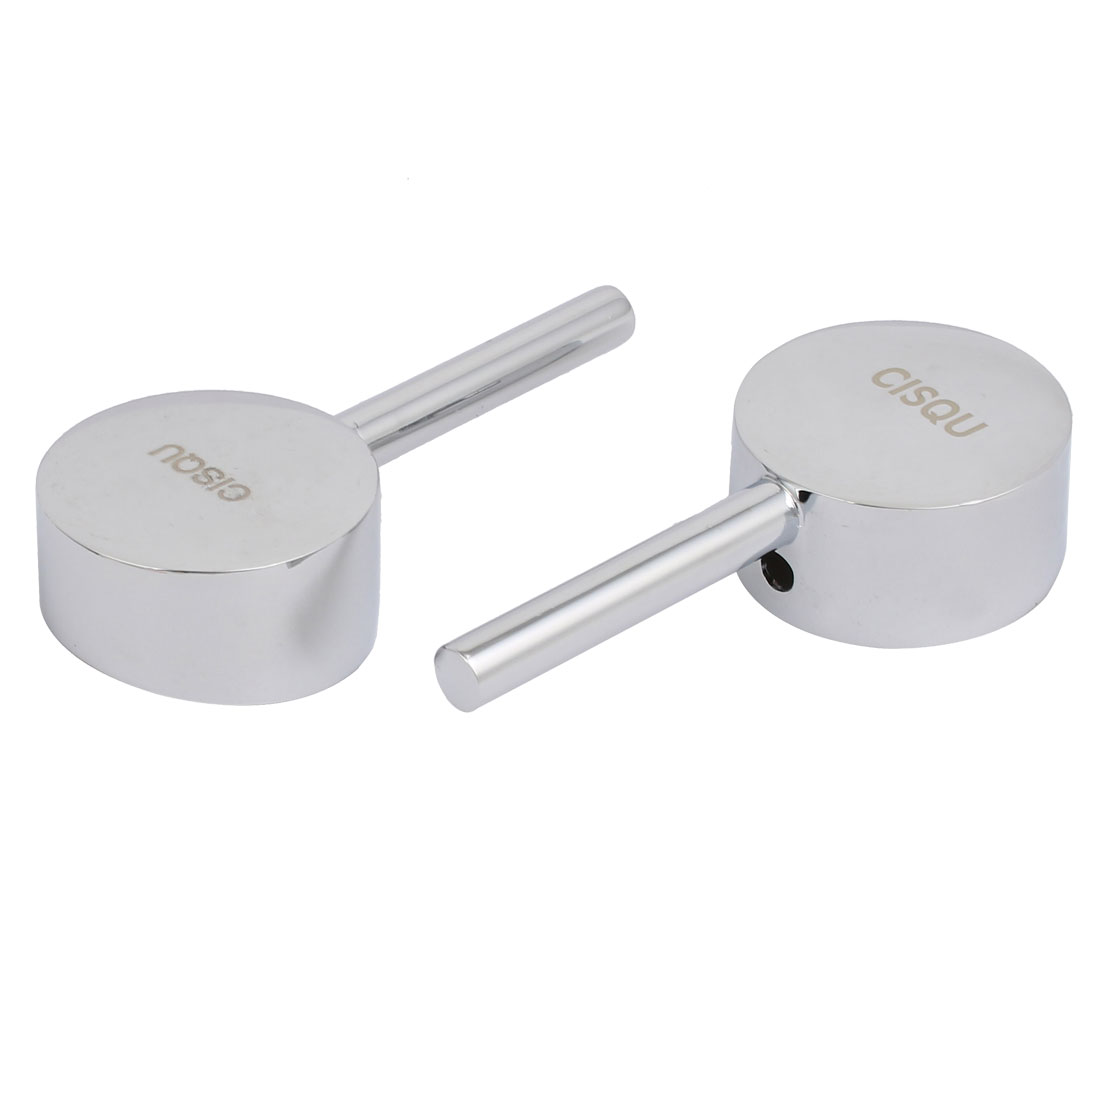 2pcs Faucet Zinc Alloy Chrome Plated Single Lever Handle Knob w Set Screw